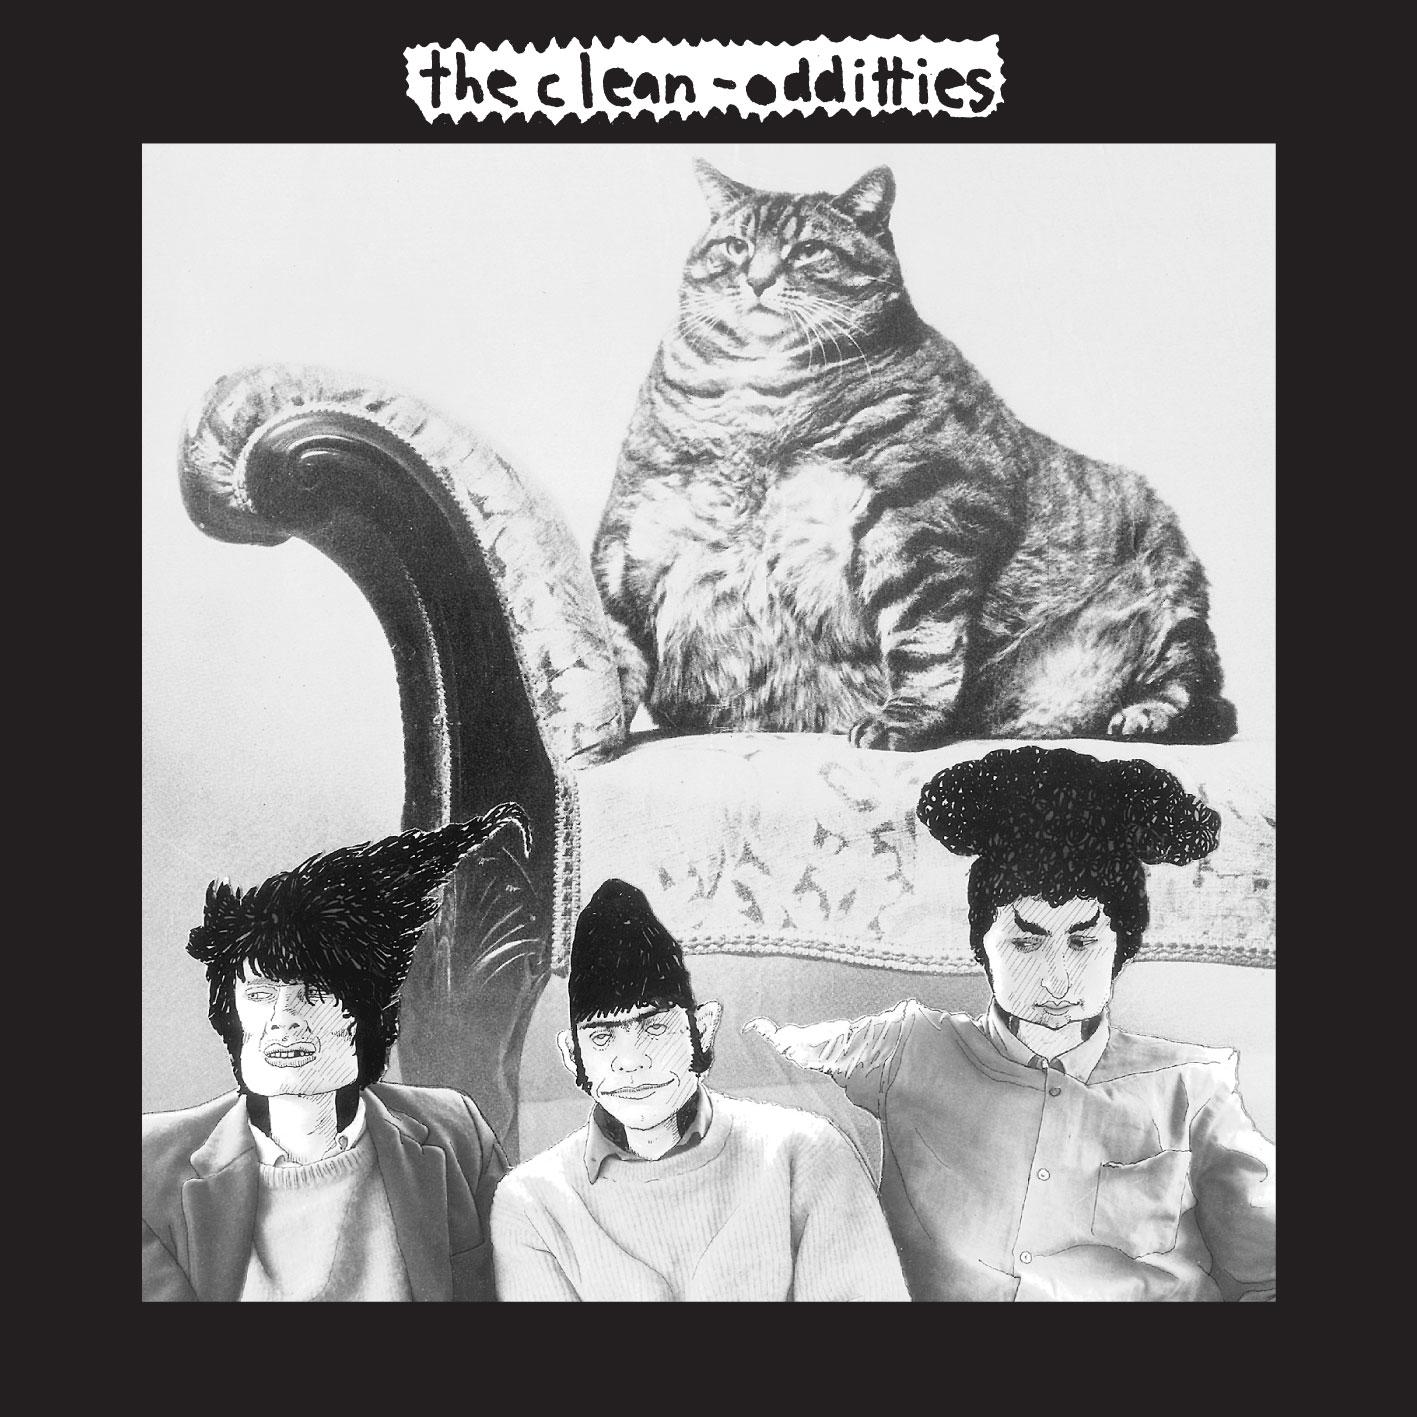 The Clean - Oddities - Album